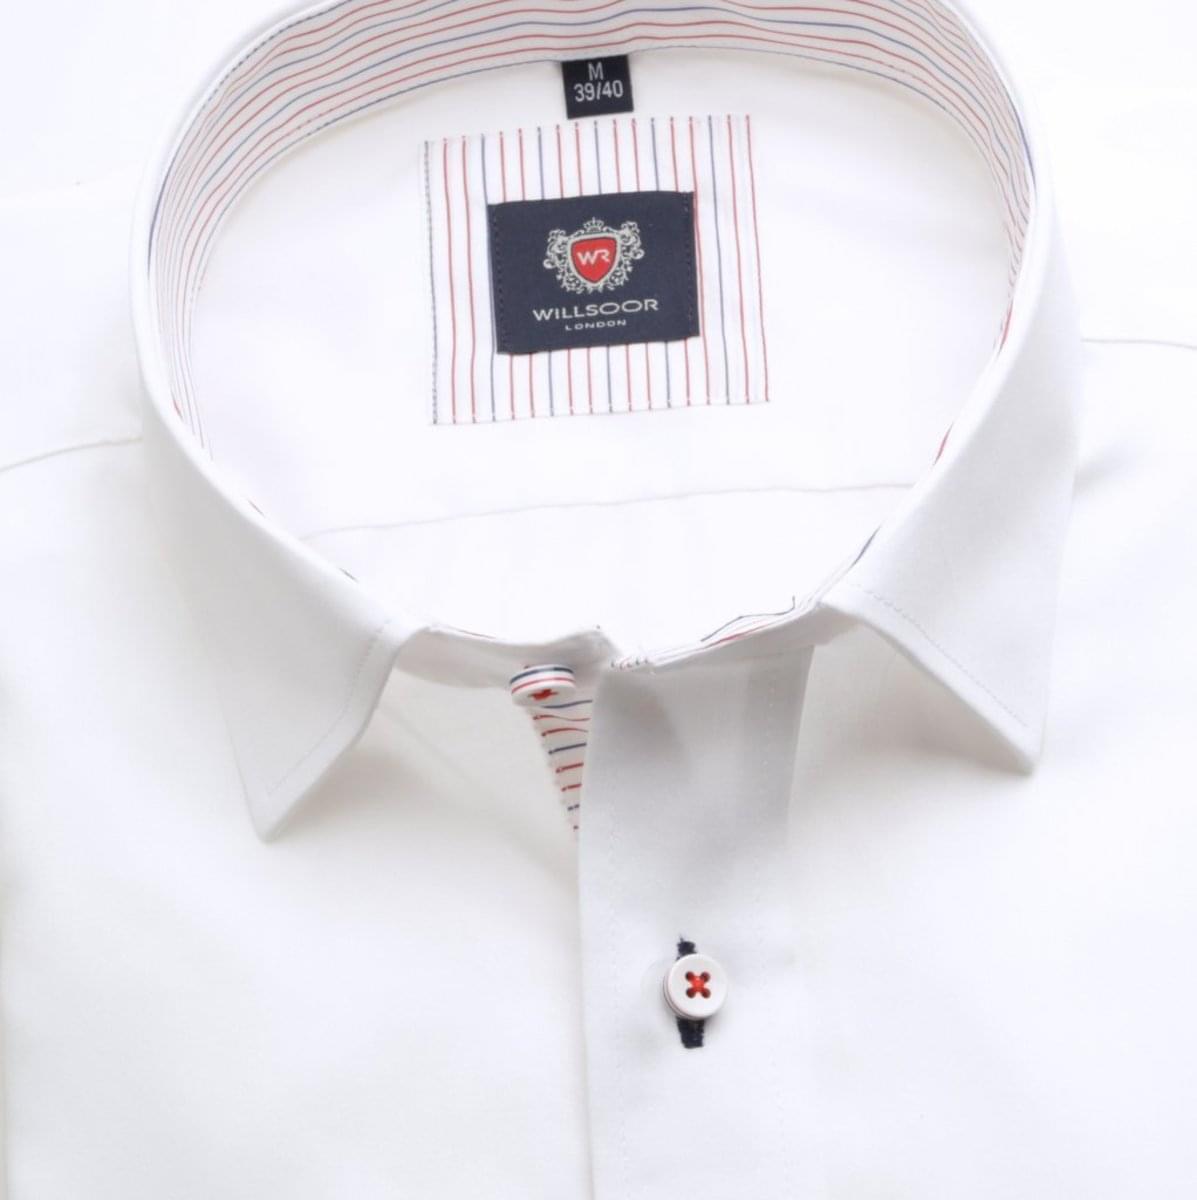 Pánská klasická košile London (výška 176-182) 6312 v bílé barvě s formulí Easy Care 176-182 / XL (43/44)